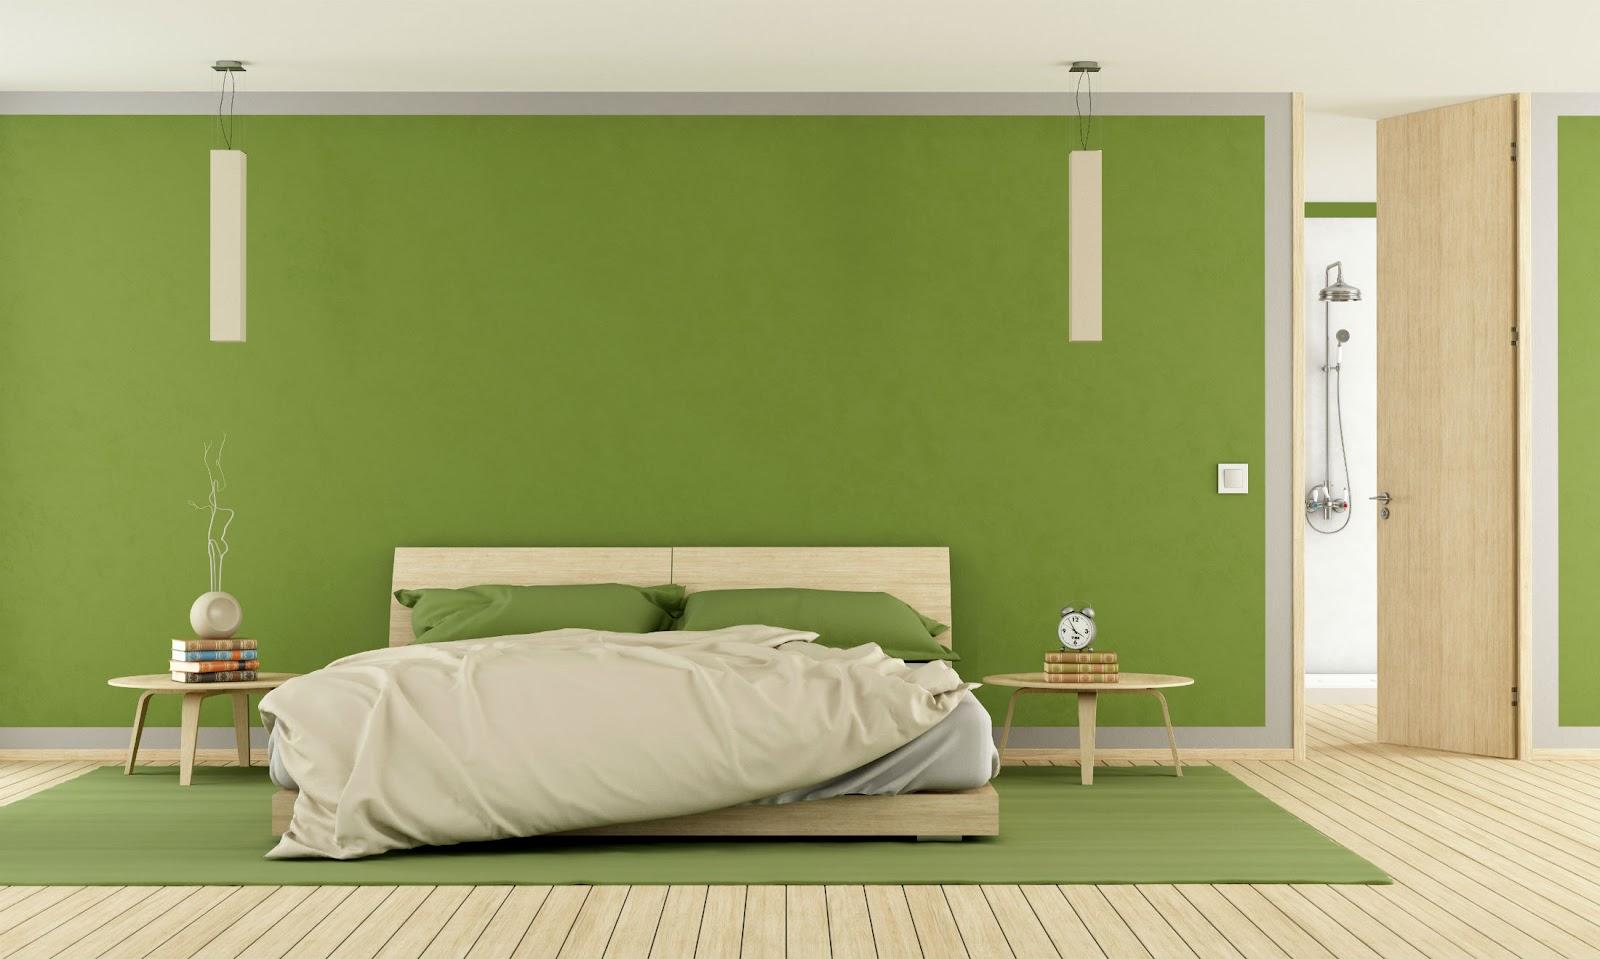 Chambre coucher 5 conseils bien tre pour une chambre feng shui et harmonieuse blogue de for Quelle couleur dans une chambre feng shui